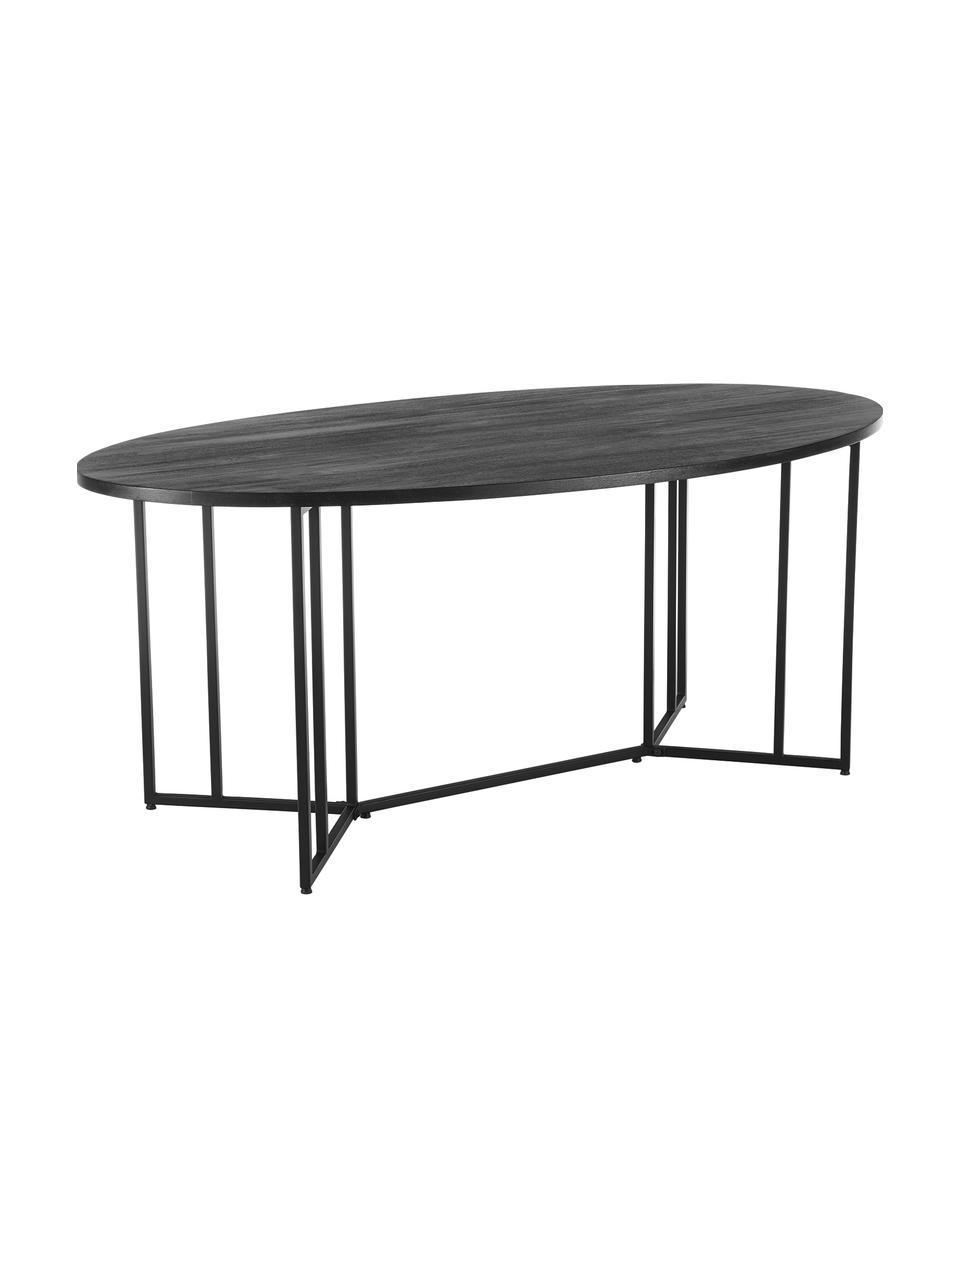 Owalny stół do jadalni z blatem z drewna mangowego Luca, Blat: lite drewno mangowe, szcz, Stelaż: metal malowany proszkowo, Czarny, S 240 x G 100 cm